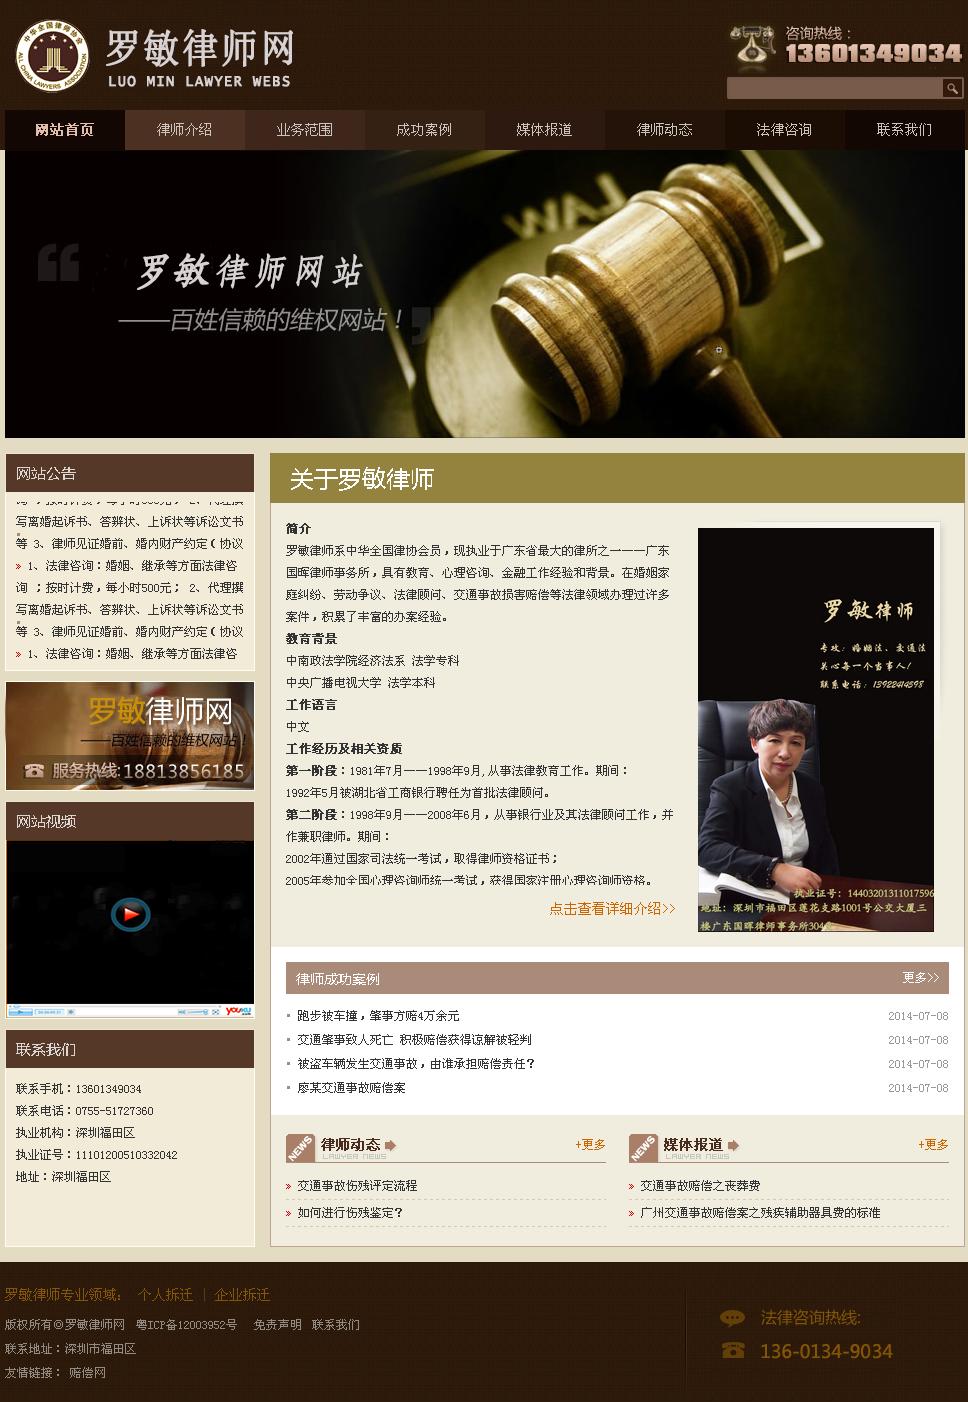 罗敏律师网